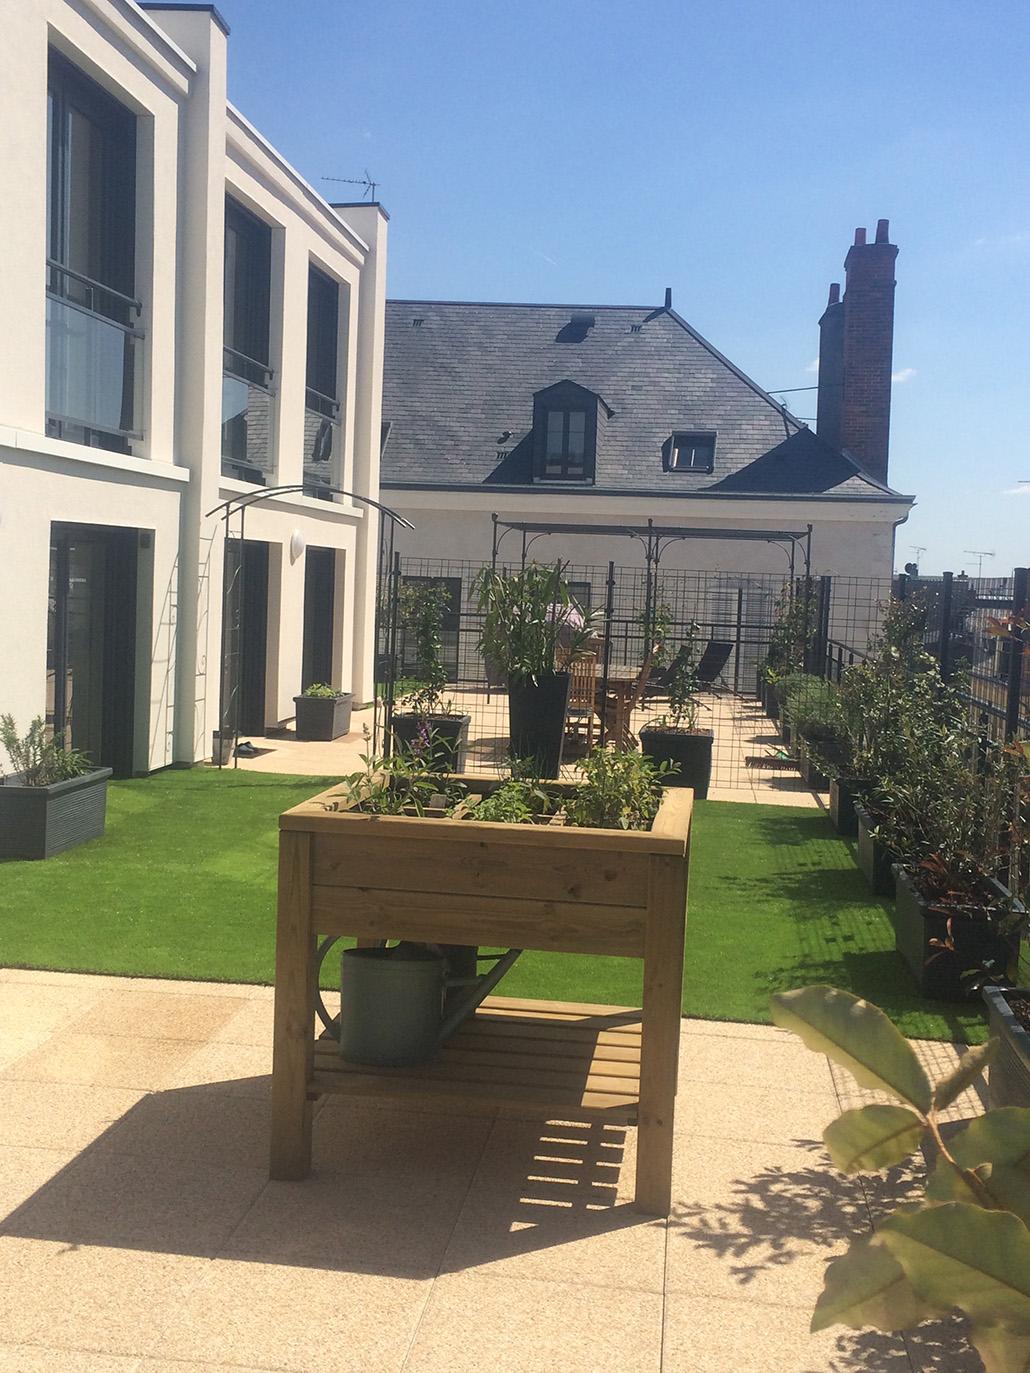 Mobilier j richard paysage for Entretien jardin orleans